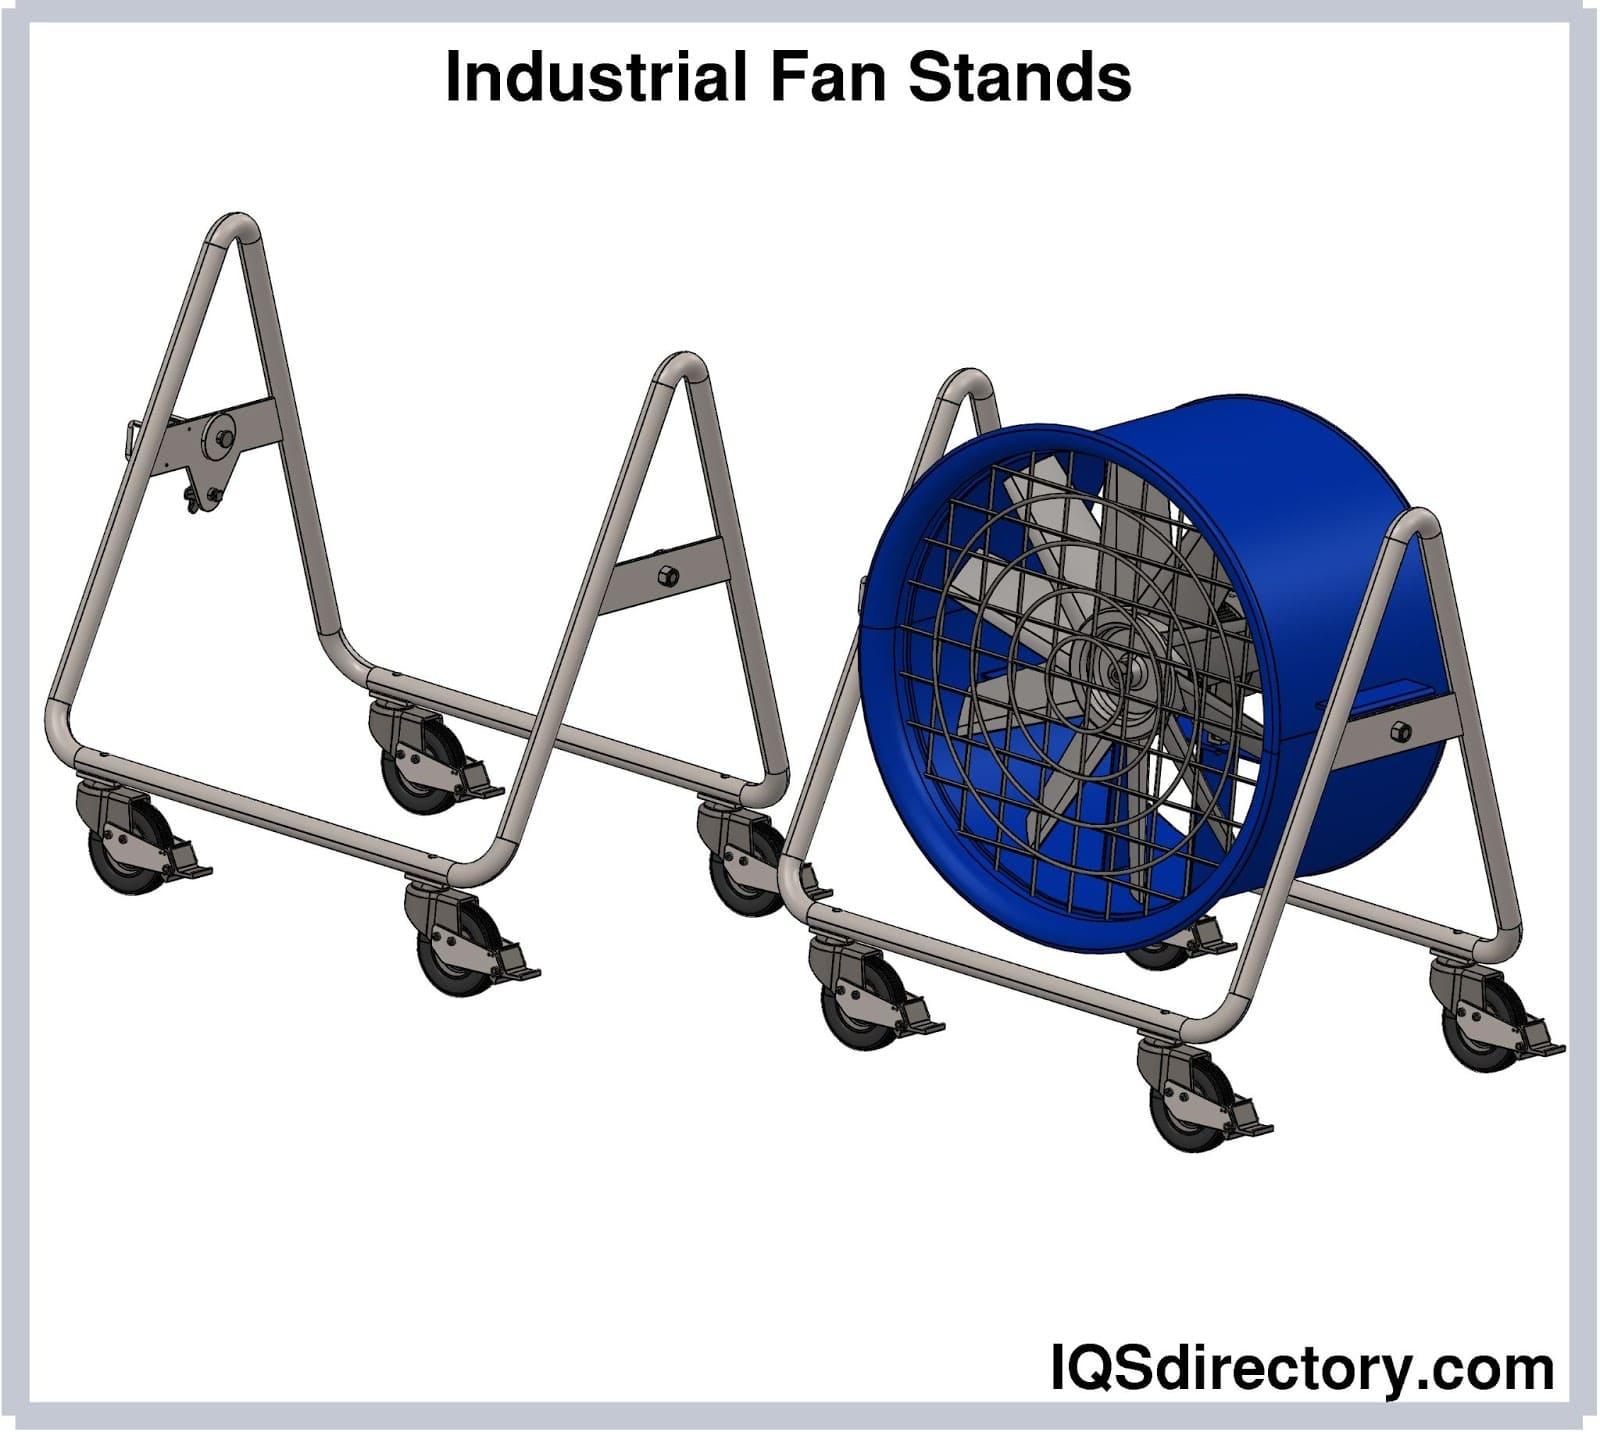 Industrial Fan Stands